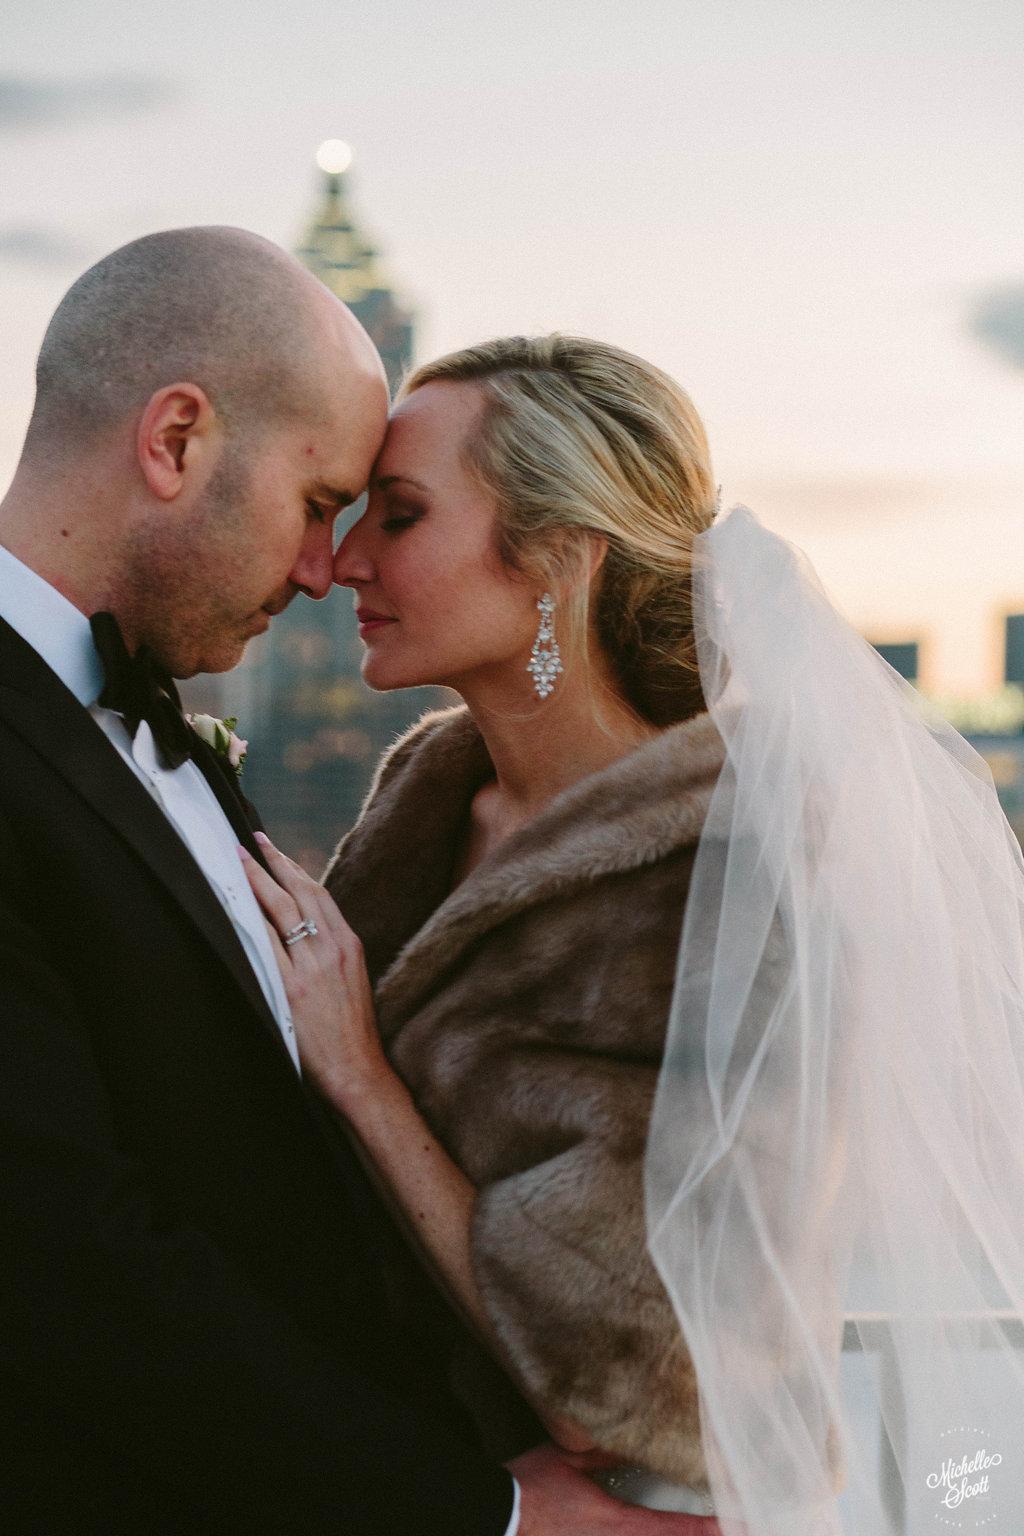 Allison & Phil - Wedding